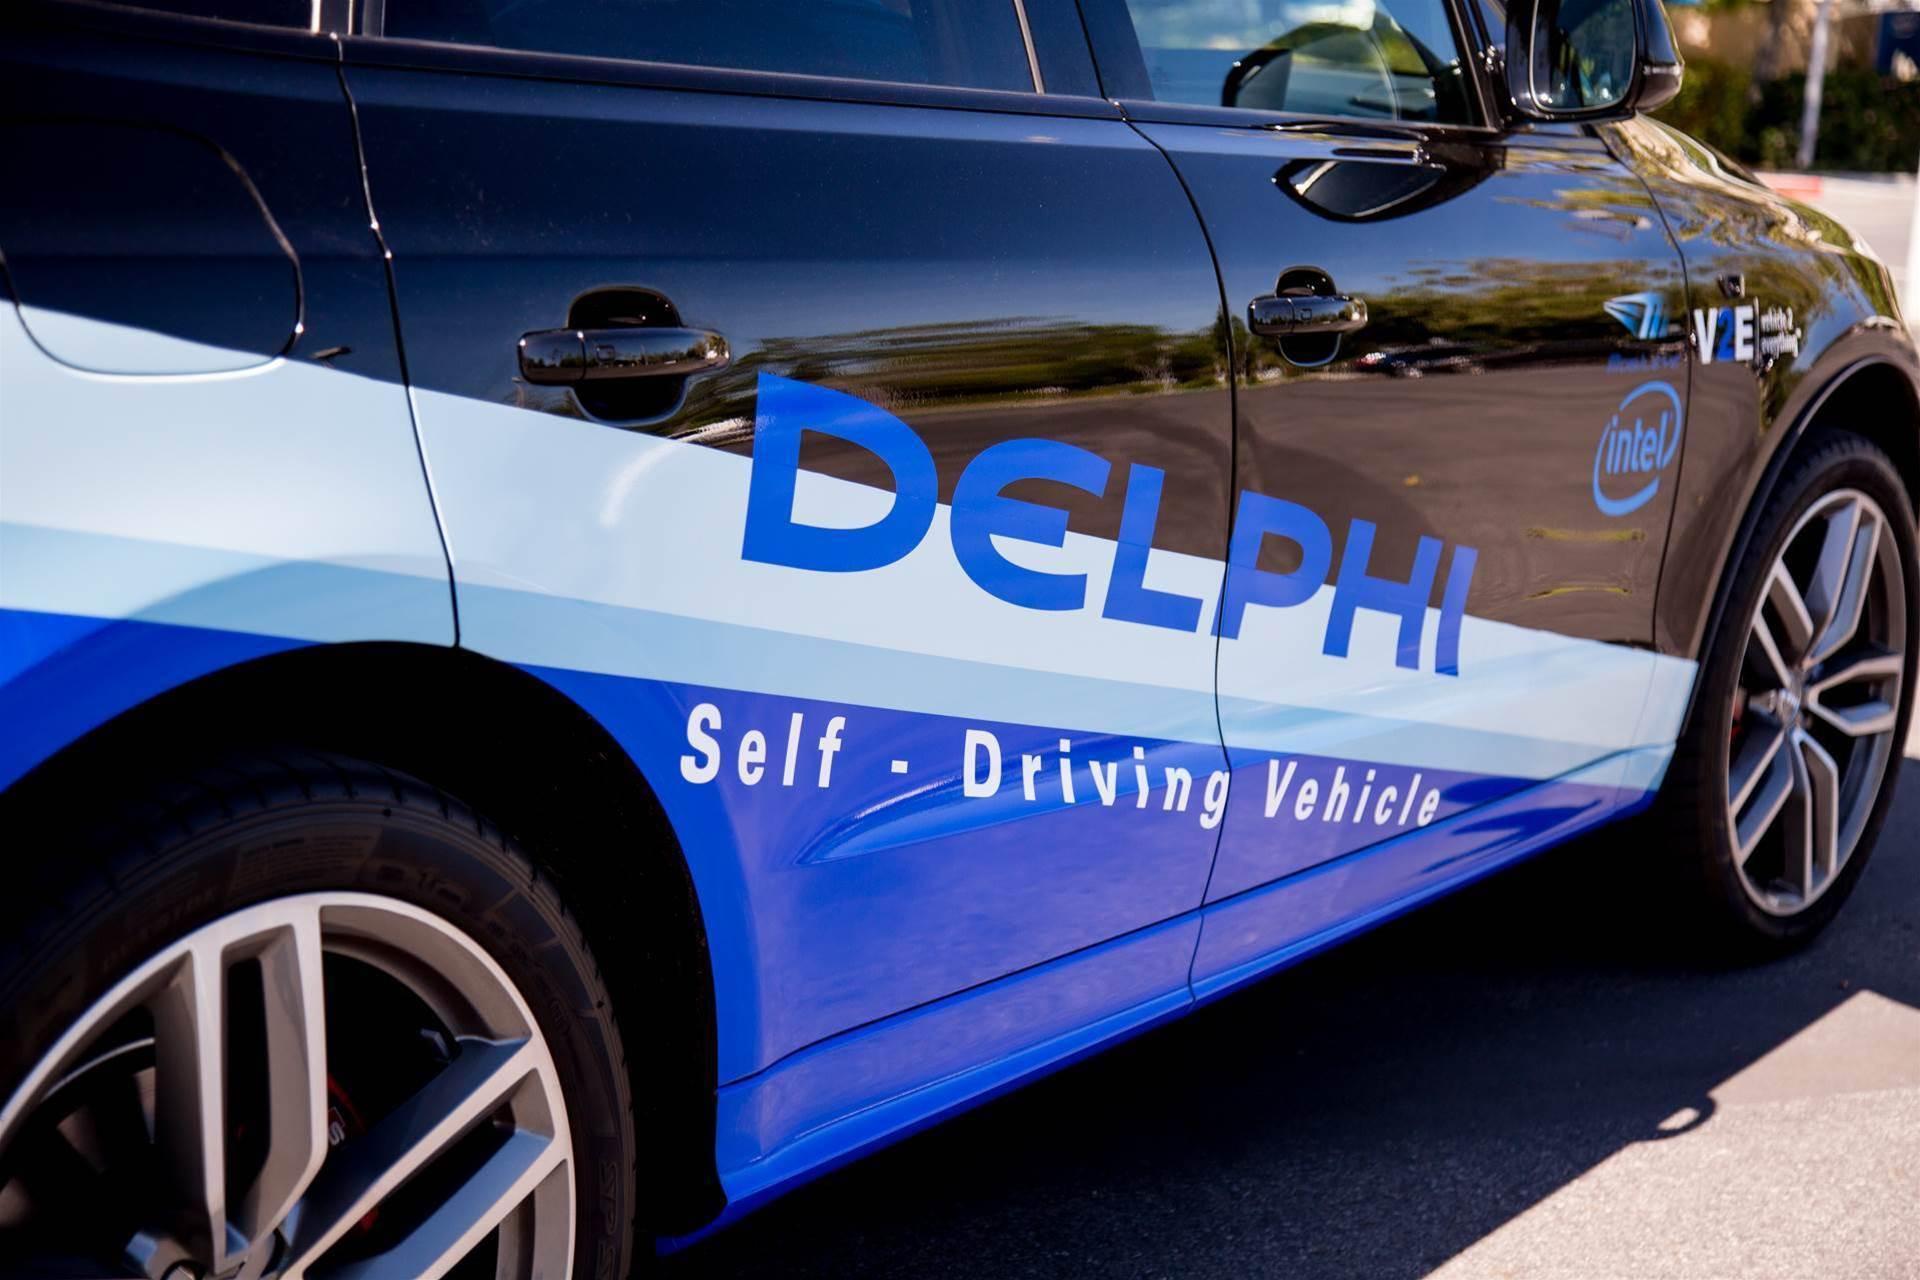 Delphi joins Intel's autonomous vehicle effort